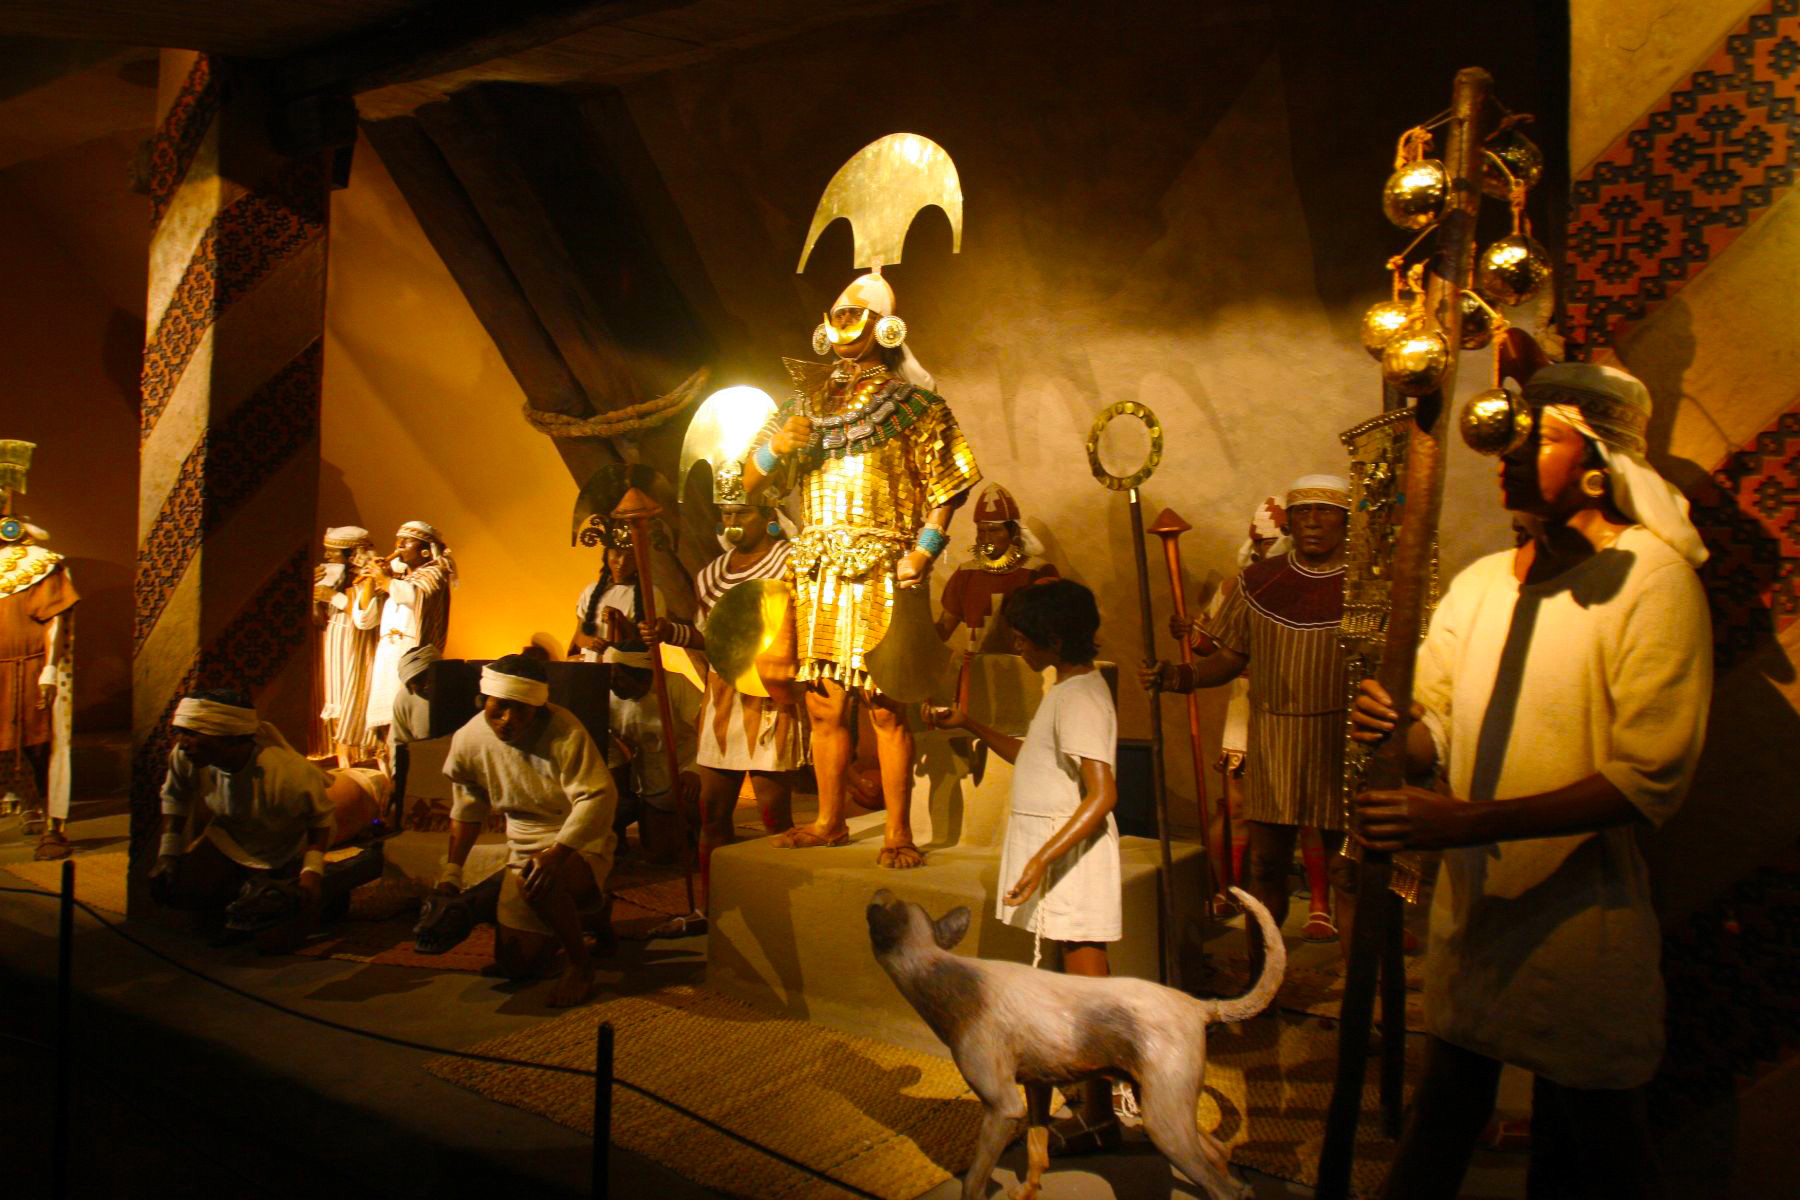 museo-tumbas-reales-senor-sipan-7850b79a